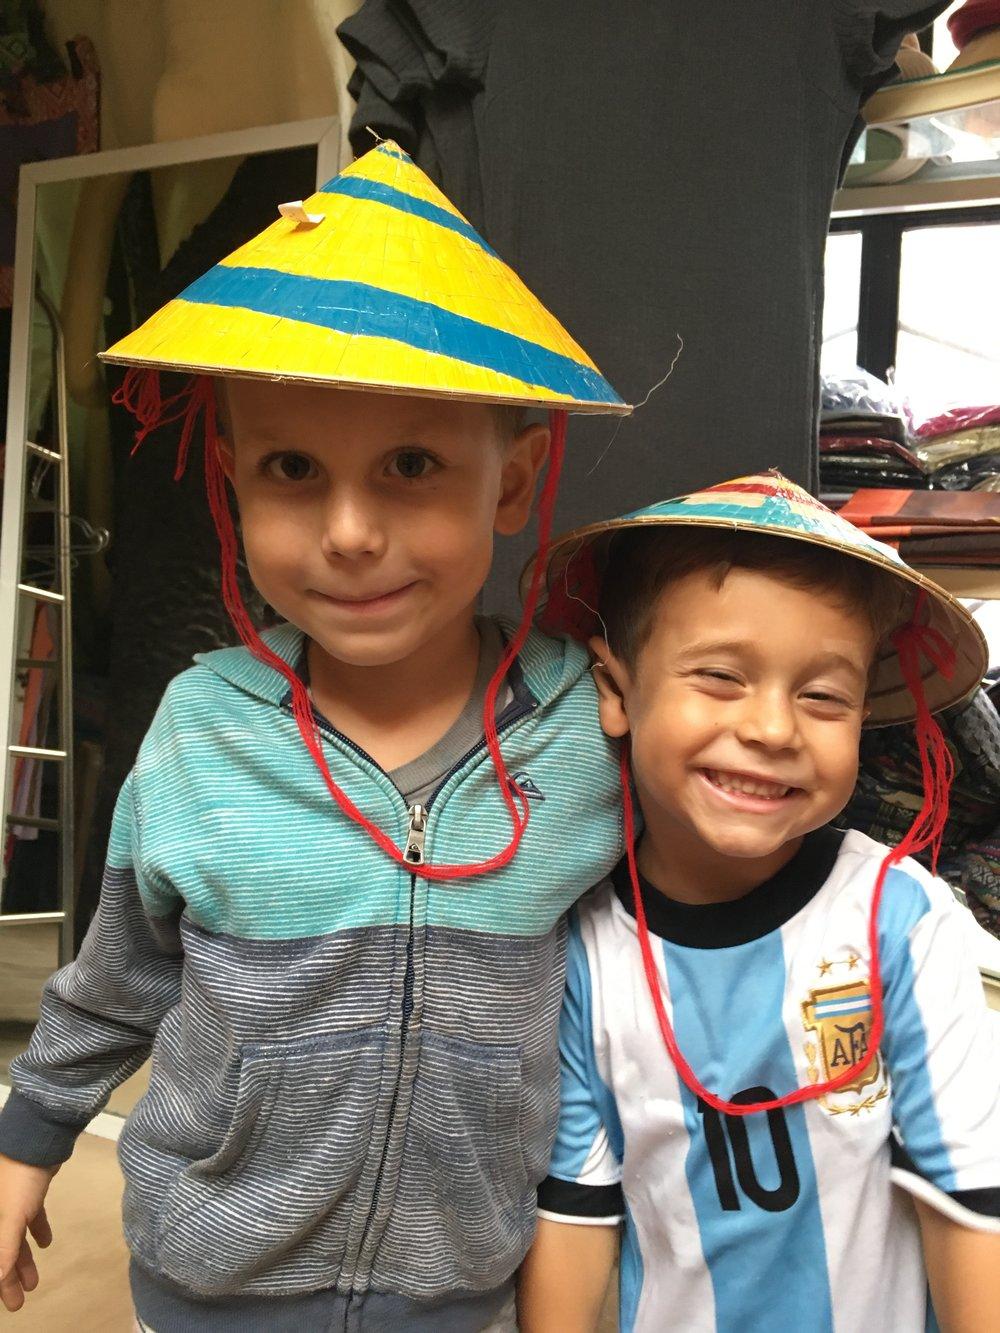 Probándose sombreros en una tienda en Vietnam. Ay cómo quería comprárselos, pero no podíamos cargarlos.